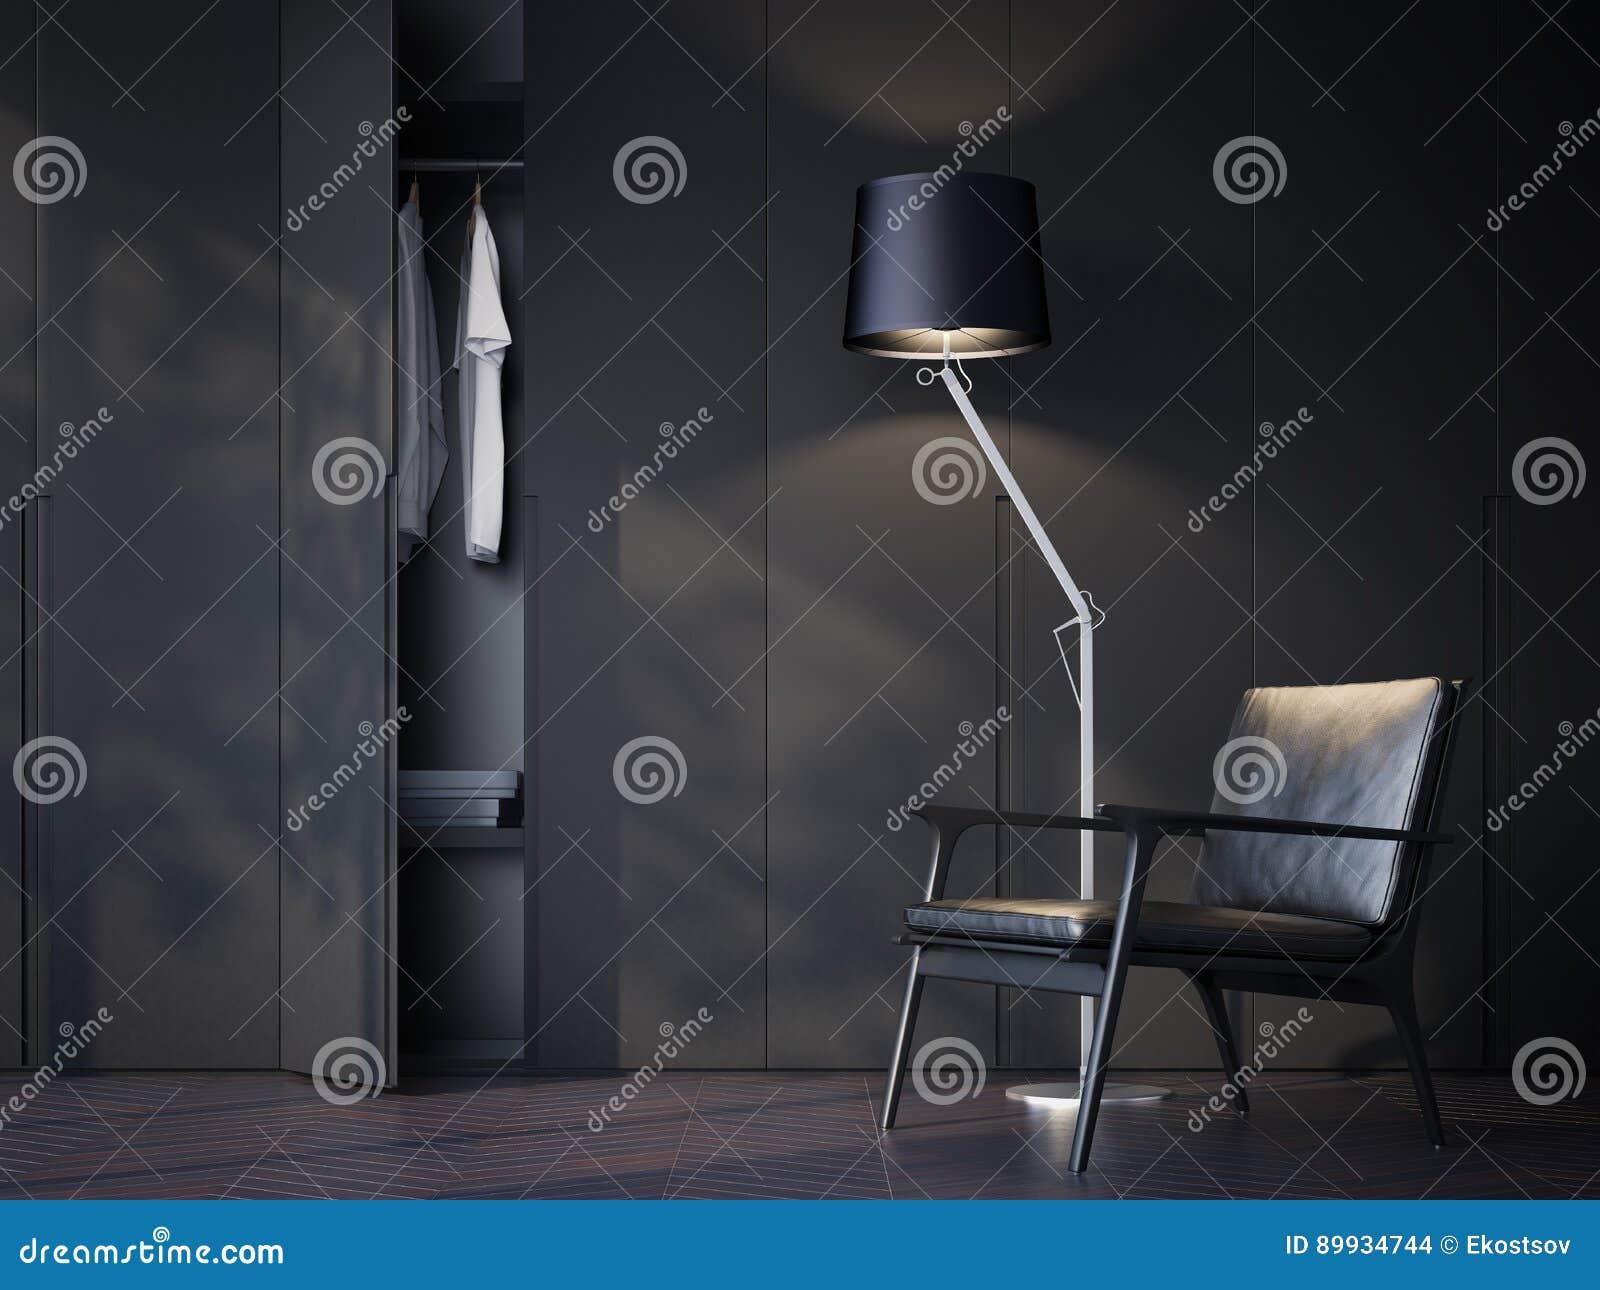 Moderne Lampen 93 : Moderner garderobenraum mit schwarzem lederstuhl wiedergabe d